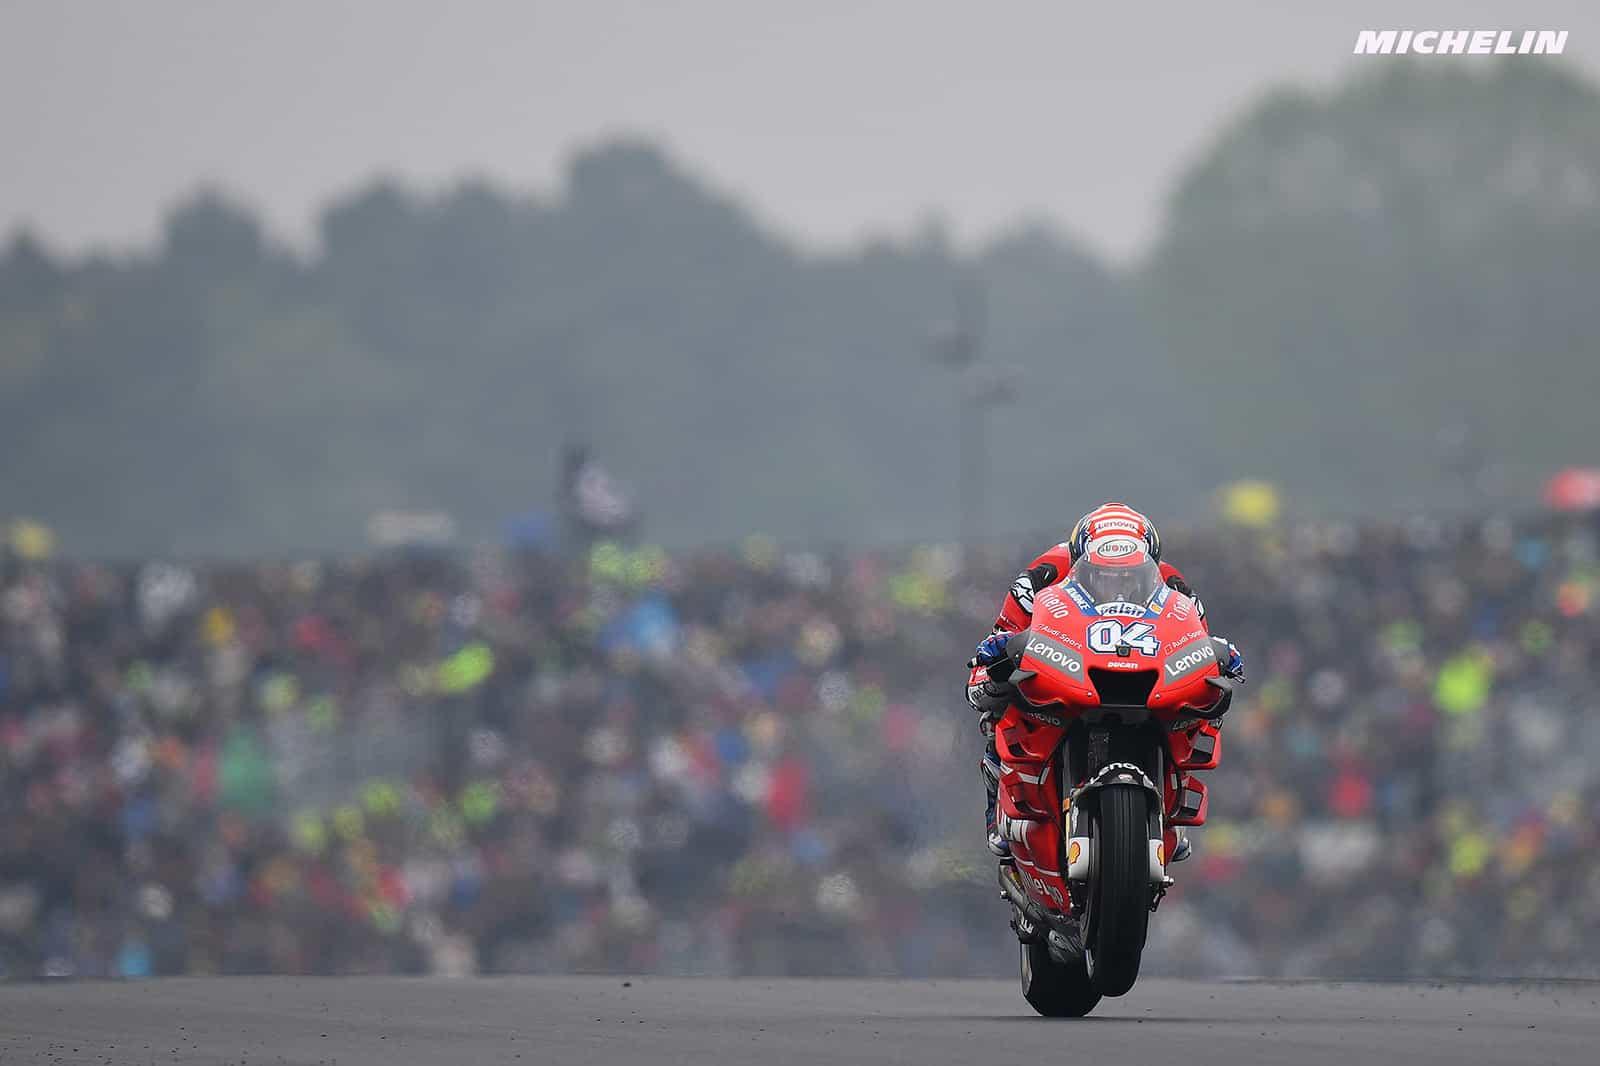 MotoGP2019イタリアGP ドヴィツィオーゾ「目標は再び表彰台を獲得すること」